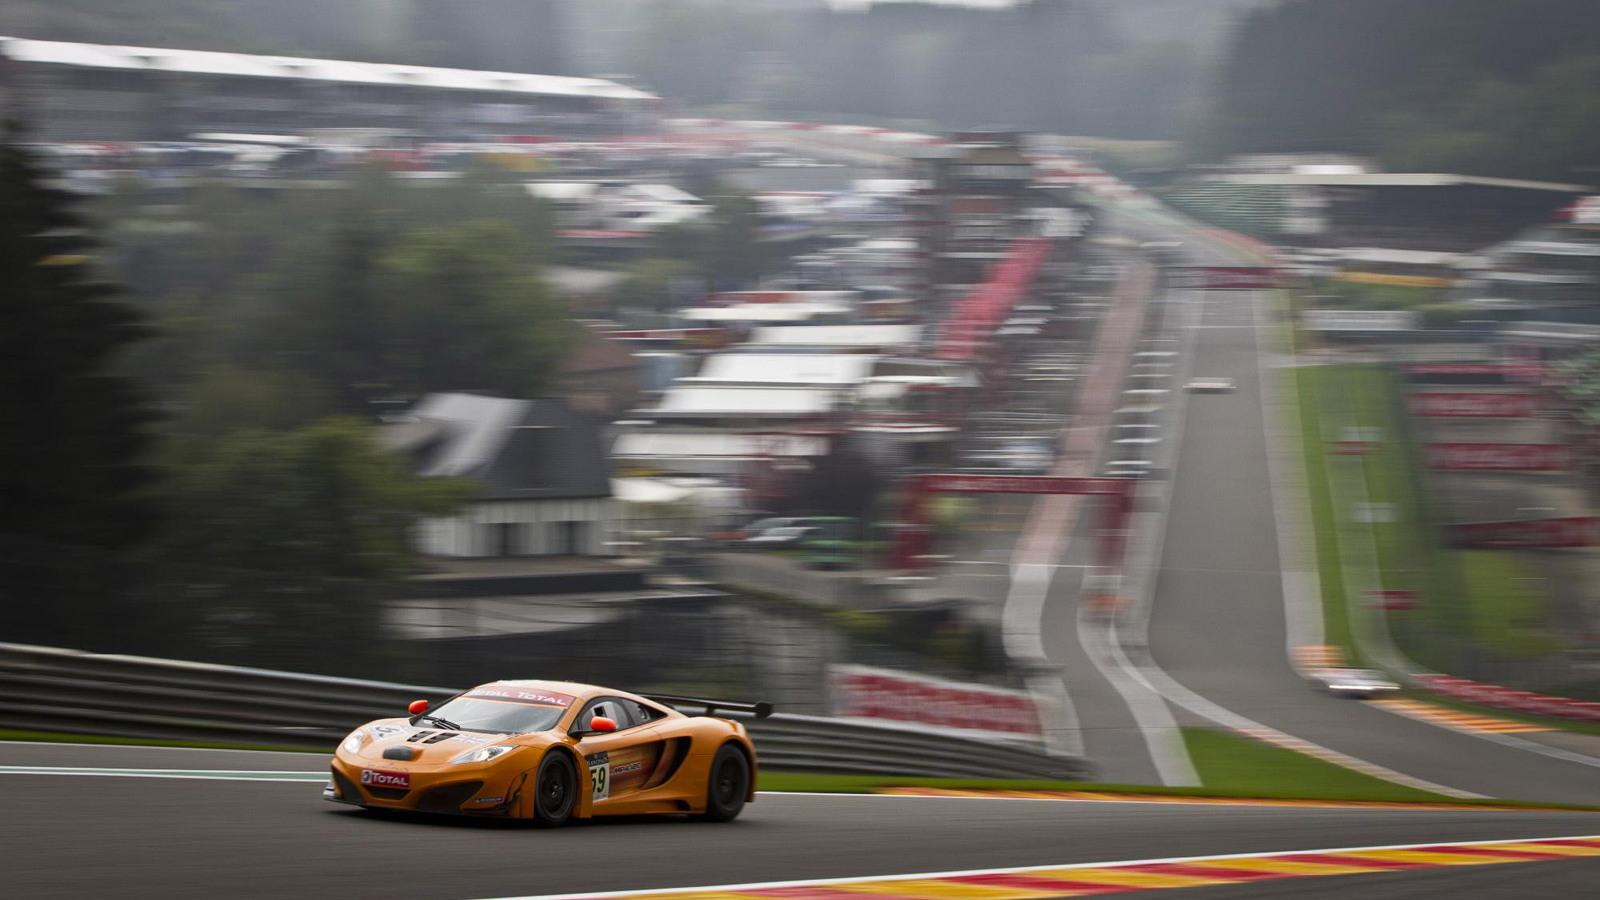 McLaren MP4-12C GT3 race car at Belgium's Circuit de Spa-Francorchamps